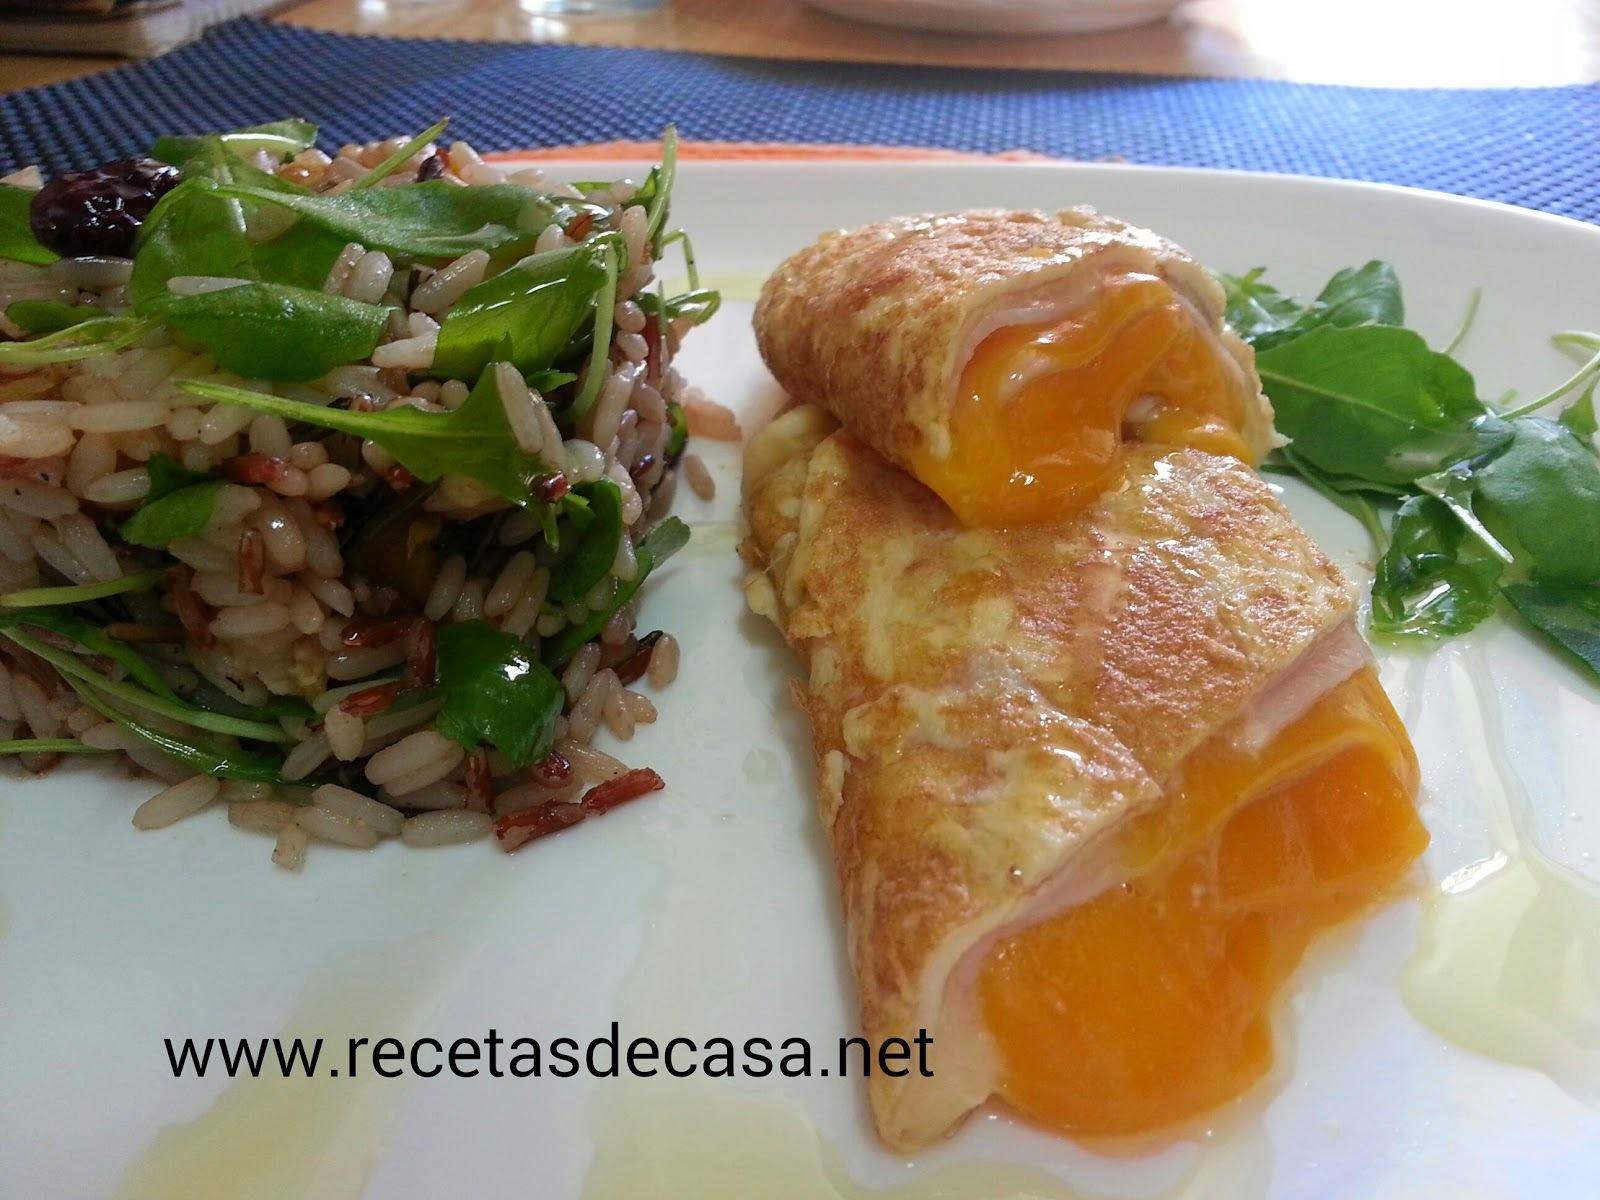 Timbal de arroz con tortilla francesa rellena de cheddar y pavo